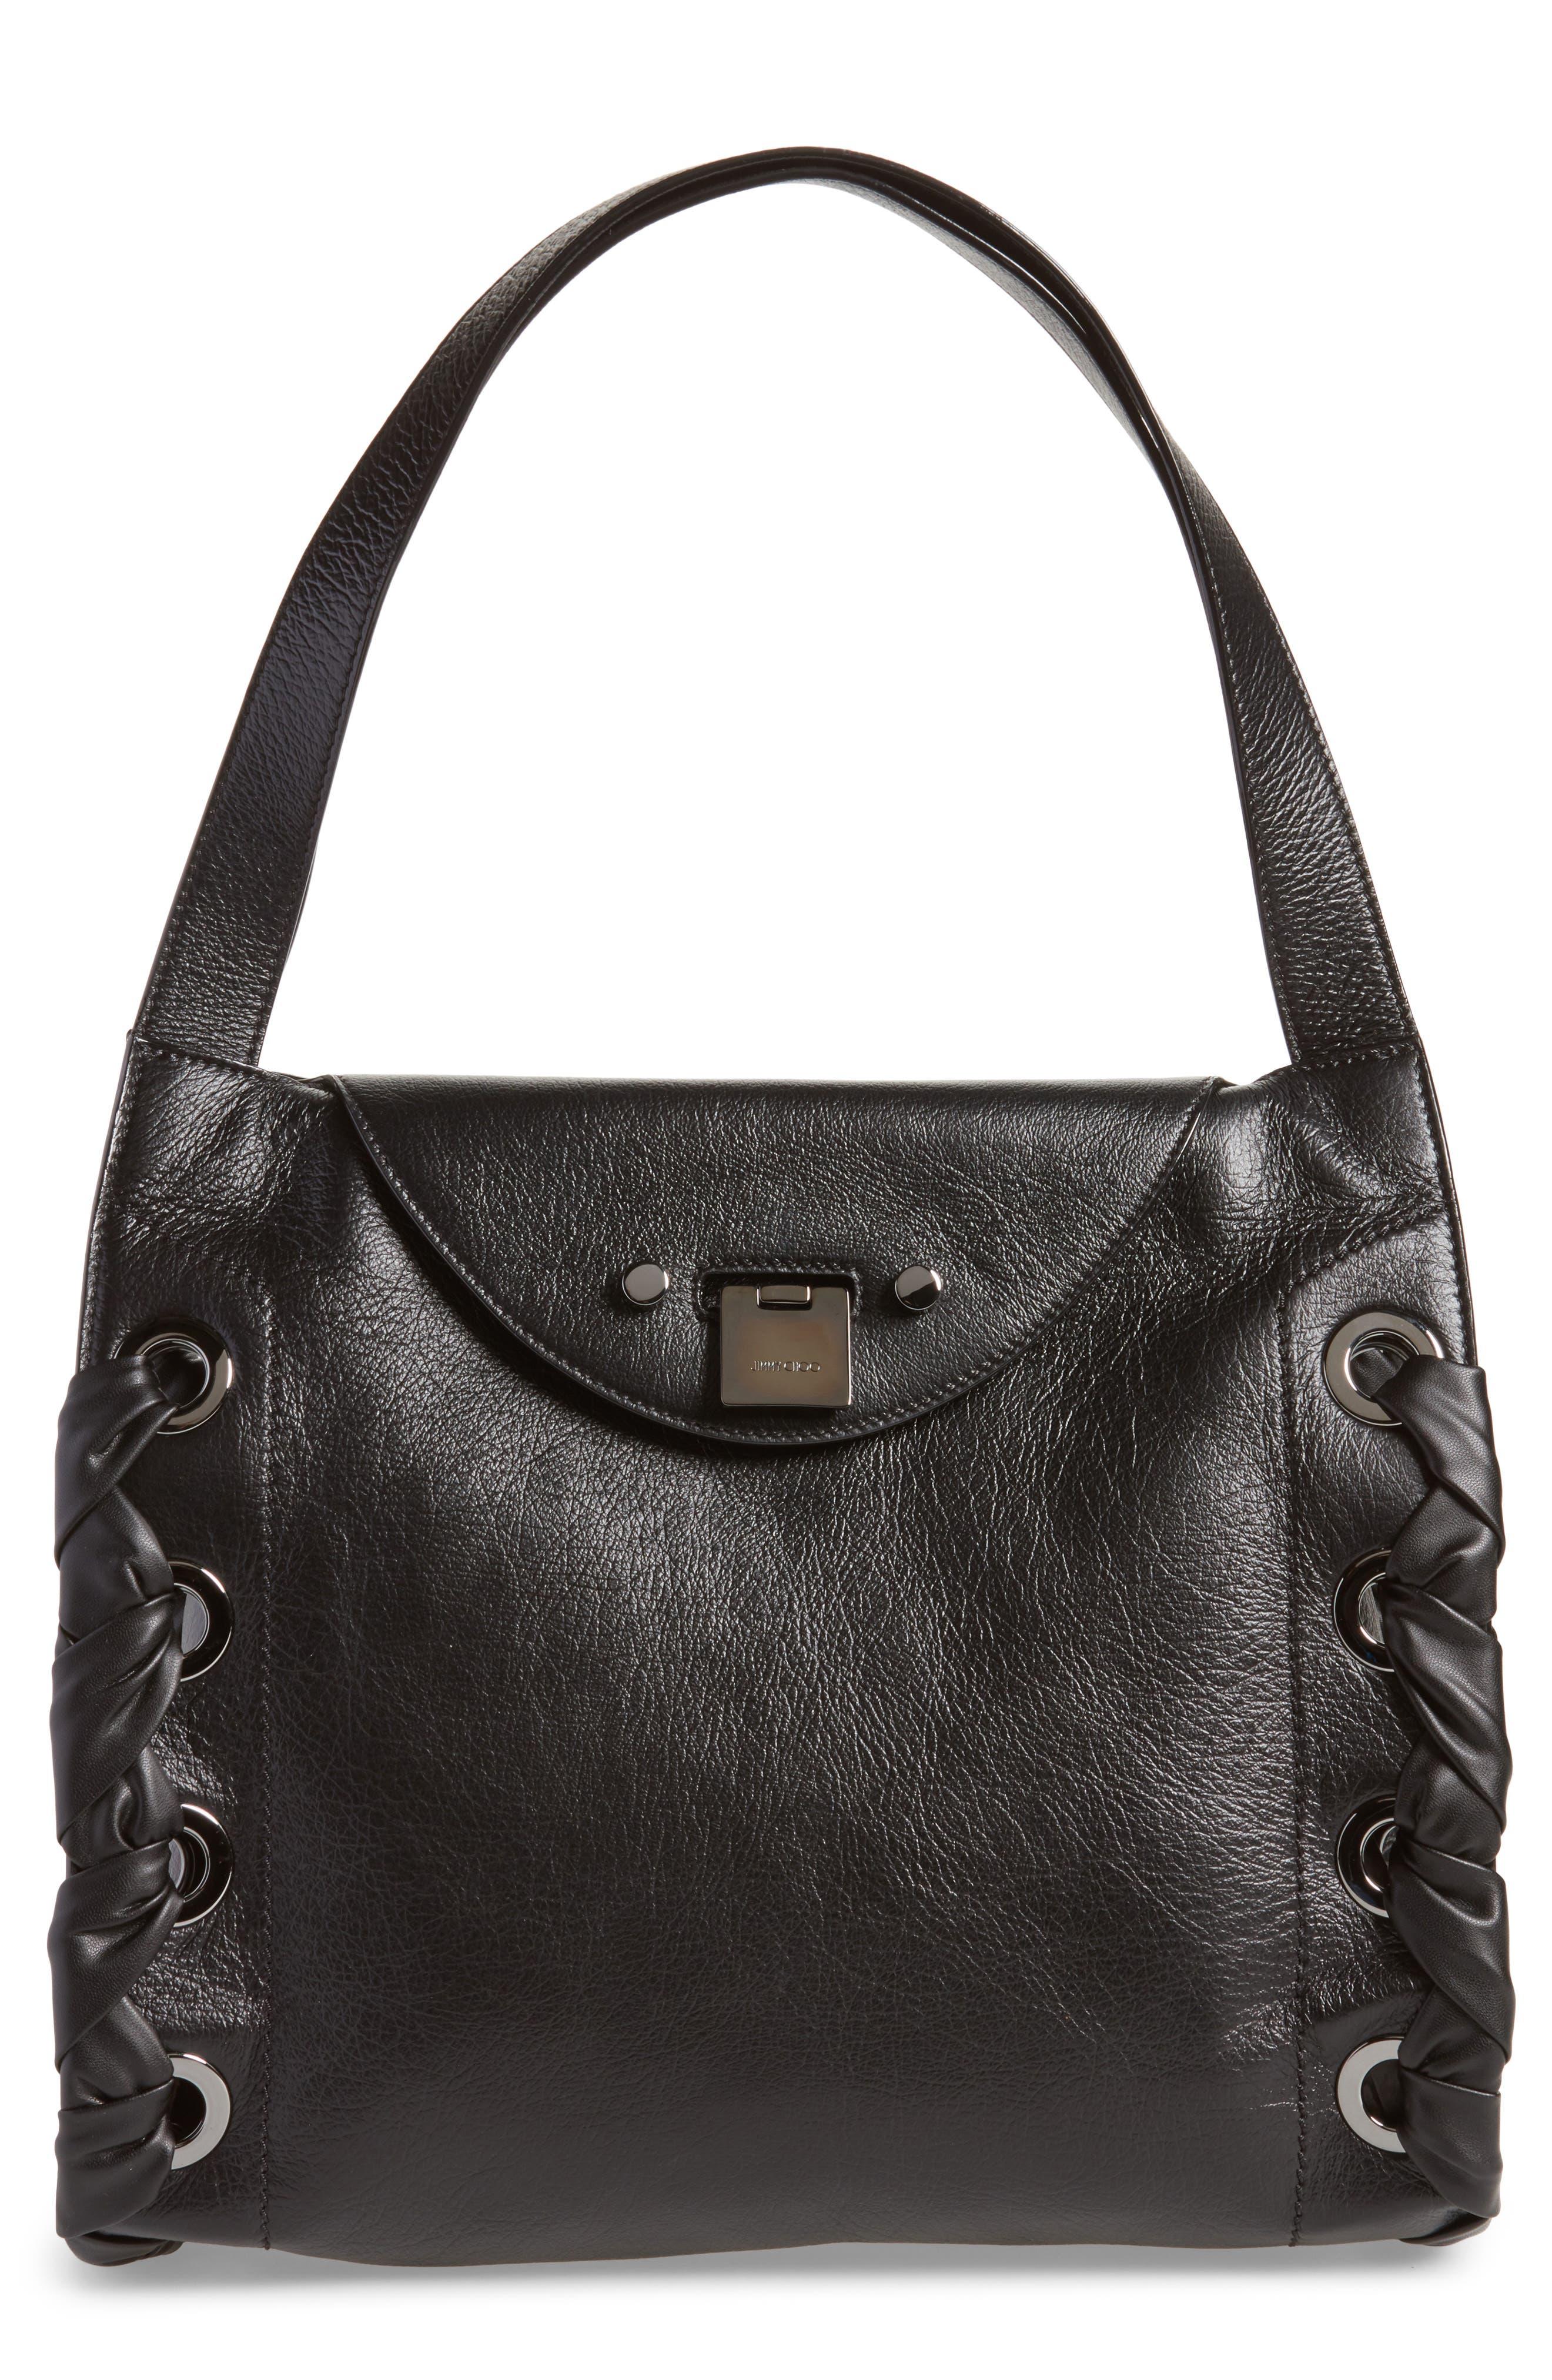 Rebel Leather Shoulder Bag,                         Main,                         color, 010